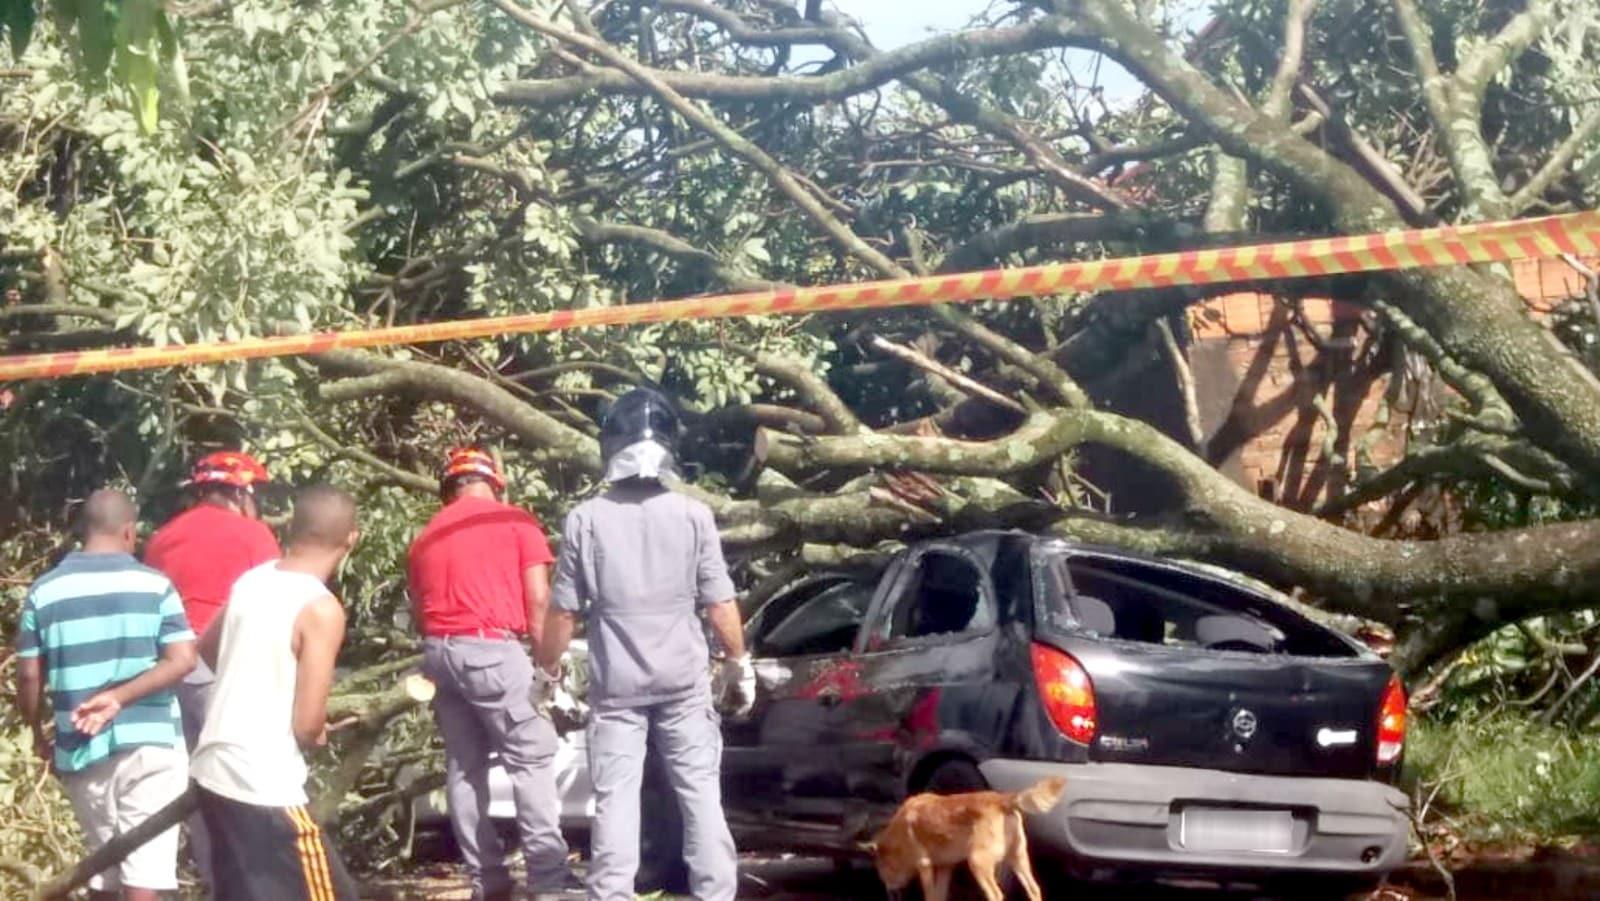 Carro foi atingido por árvore que caiu no bairro Barra Funda, em Paraguaçu Paulista: sem feridos — Foto: Arquivo pessoal